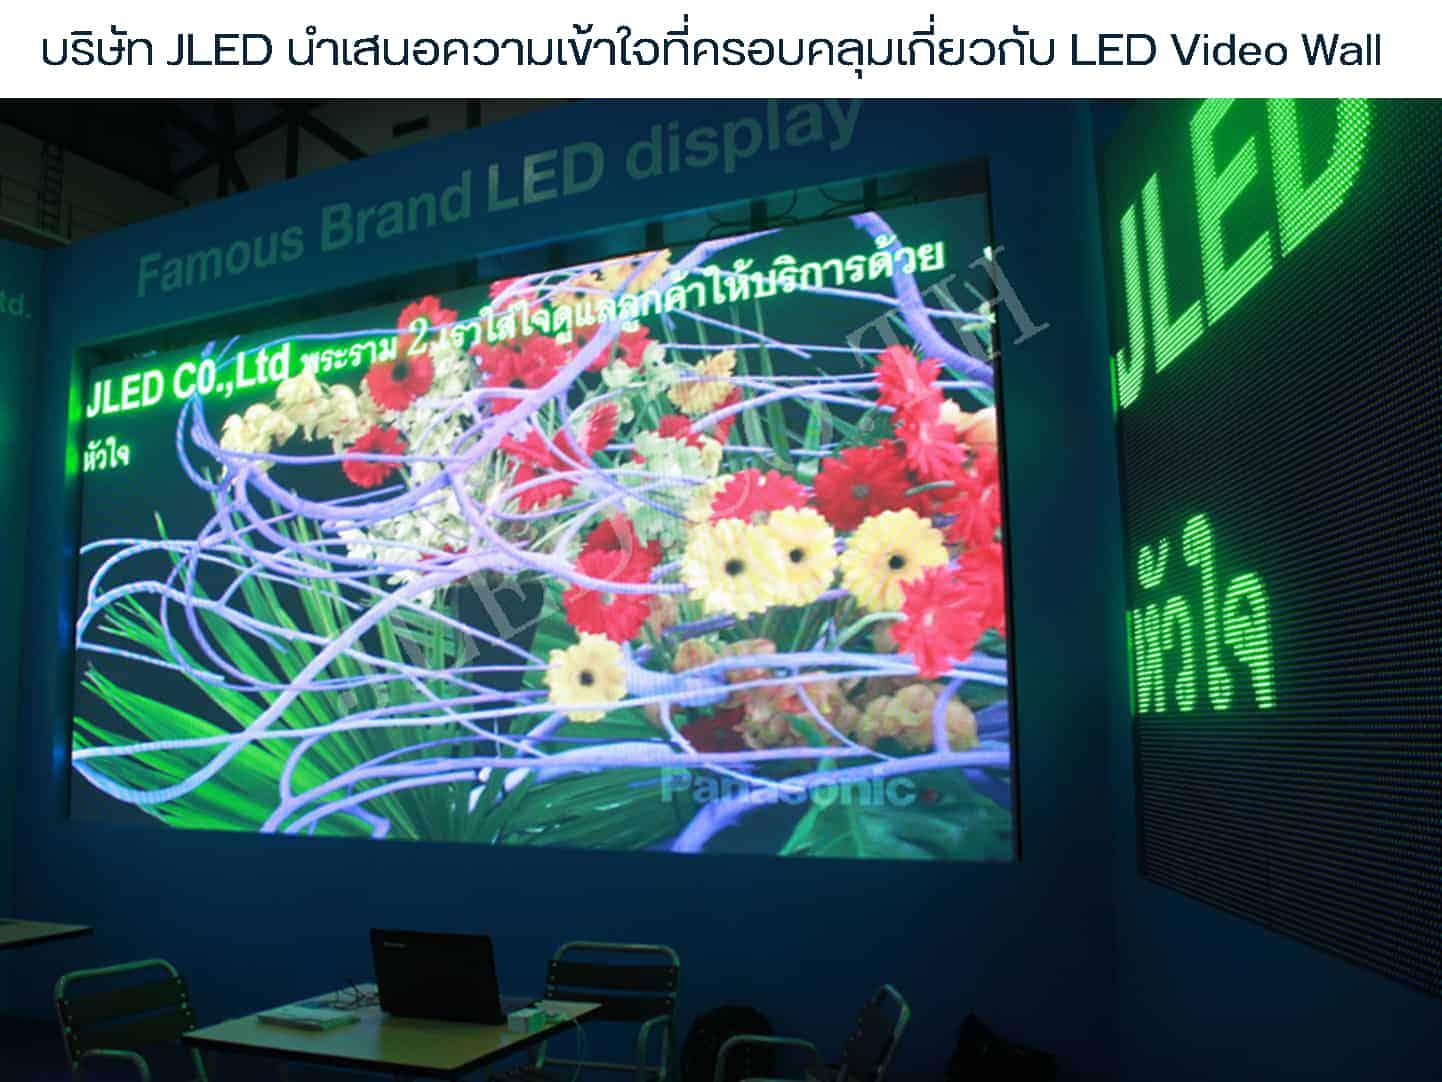 บริษัท JLED นำเสนอความเข้าใจที่ครอบคลุมเกี่ยวกับ LED Video Wall